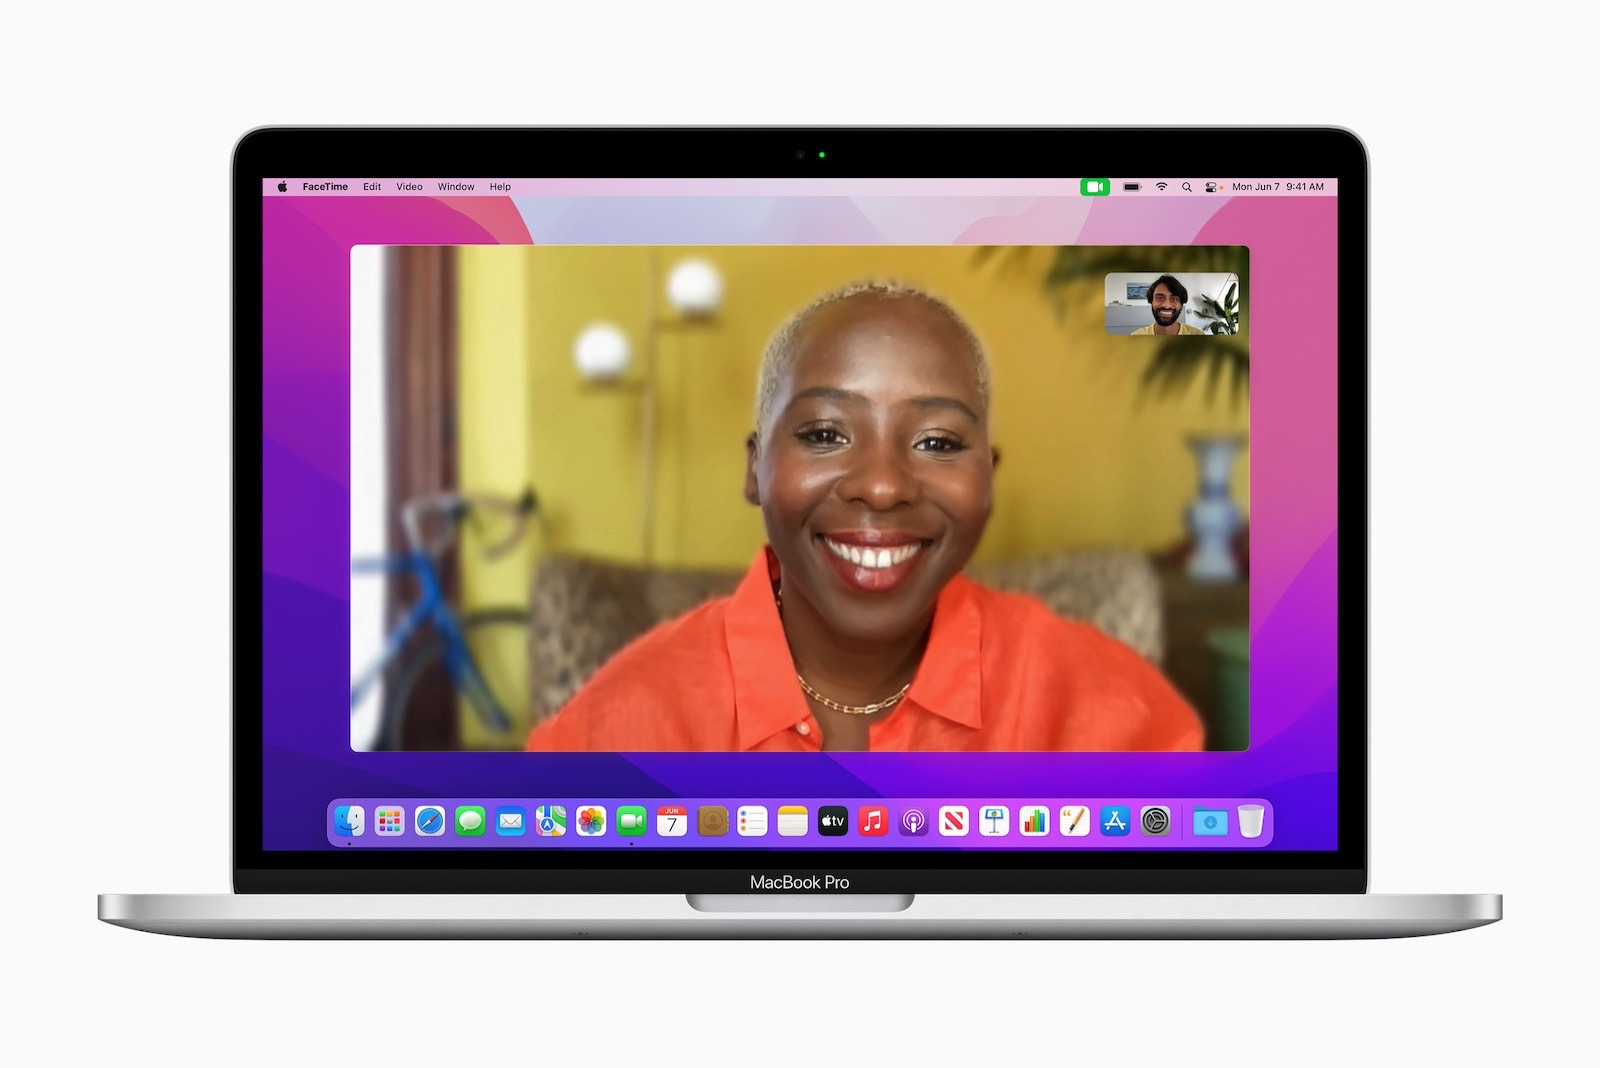 Apple macos monterey facetime portrait mode 06072021